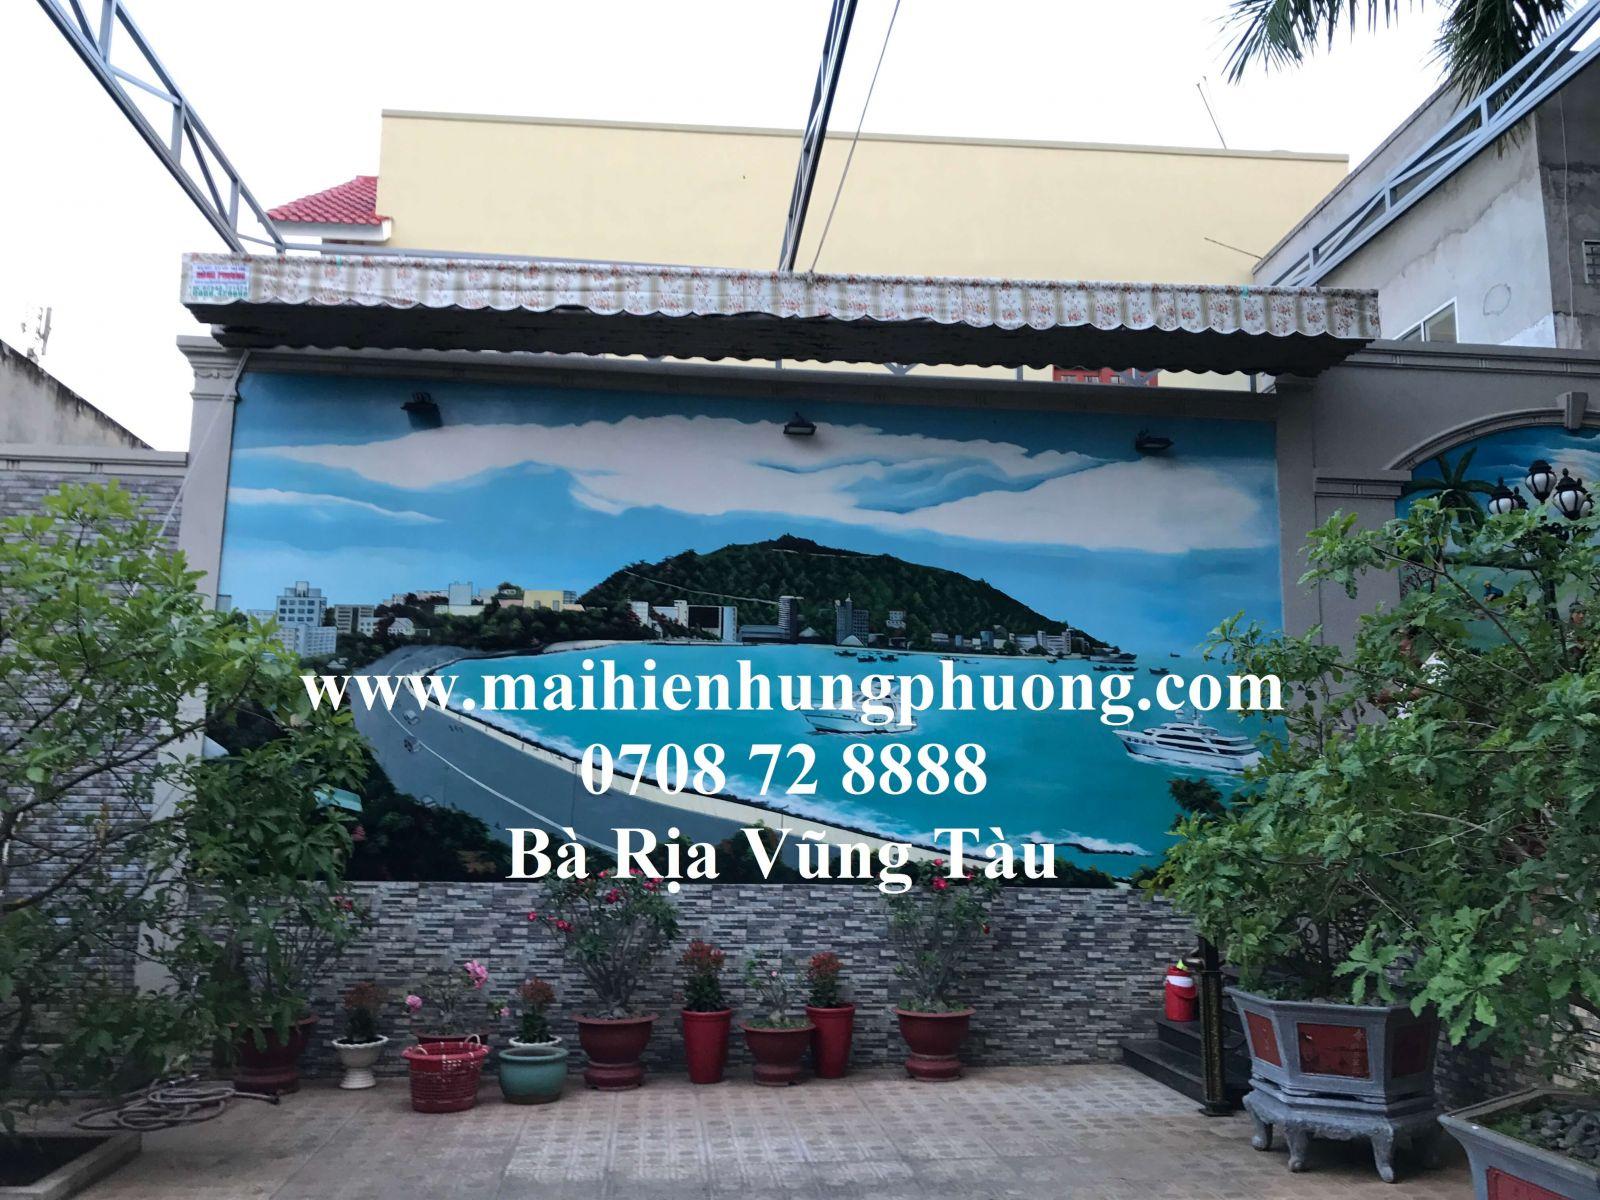 Mái kéo quán café tại Bà Rịa Vũng Tàu